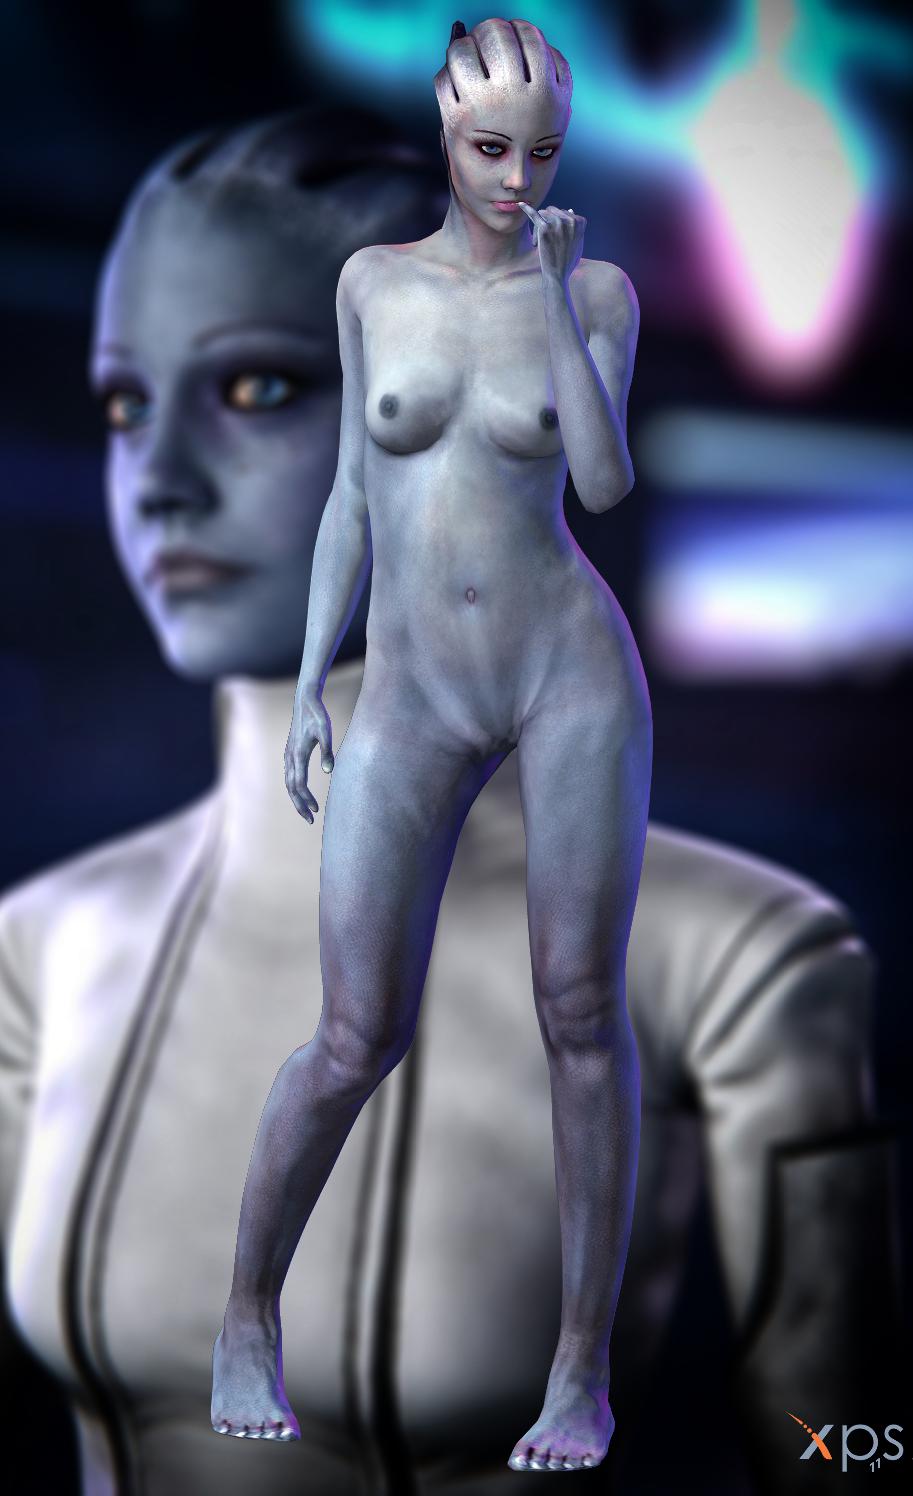 Liara t soni nude